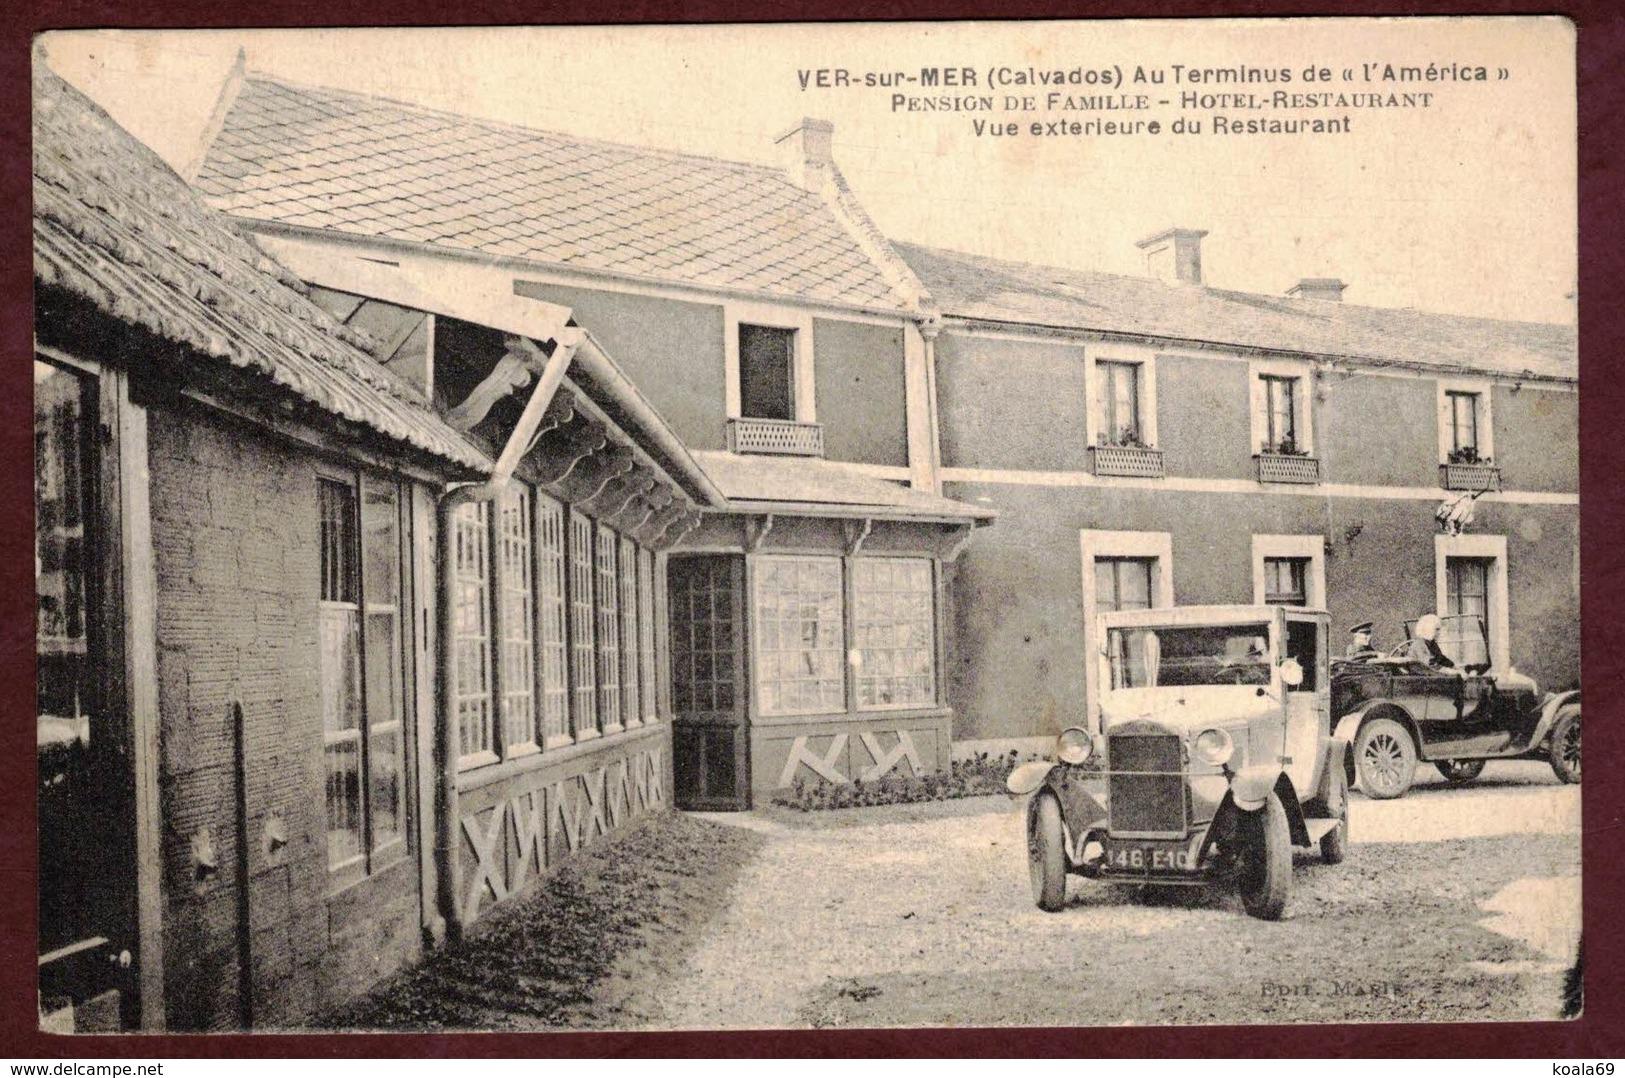 """Ver-sur-Mer Hôtel Restaurant """" Au Terminus De L' América """" Automobile Ancienne Calvados Ver Sur Mer Pension De Famille - France"""